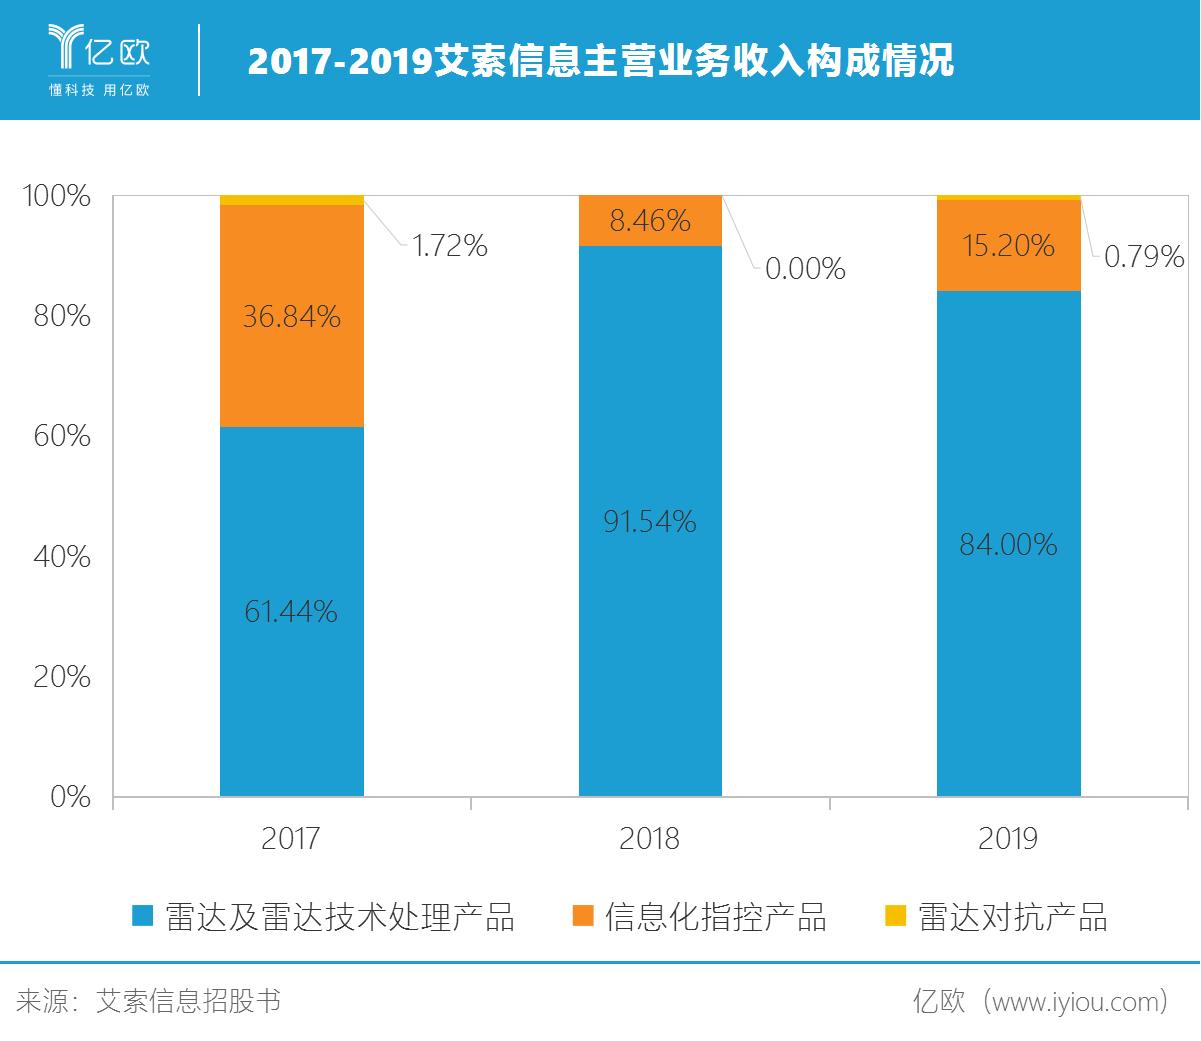 2017-2019艾索信息主营业务收入构成情况.png